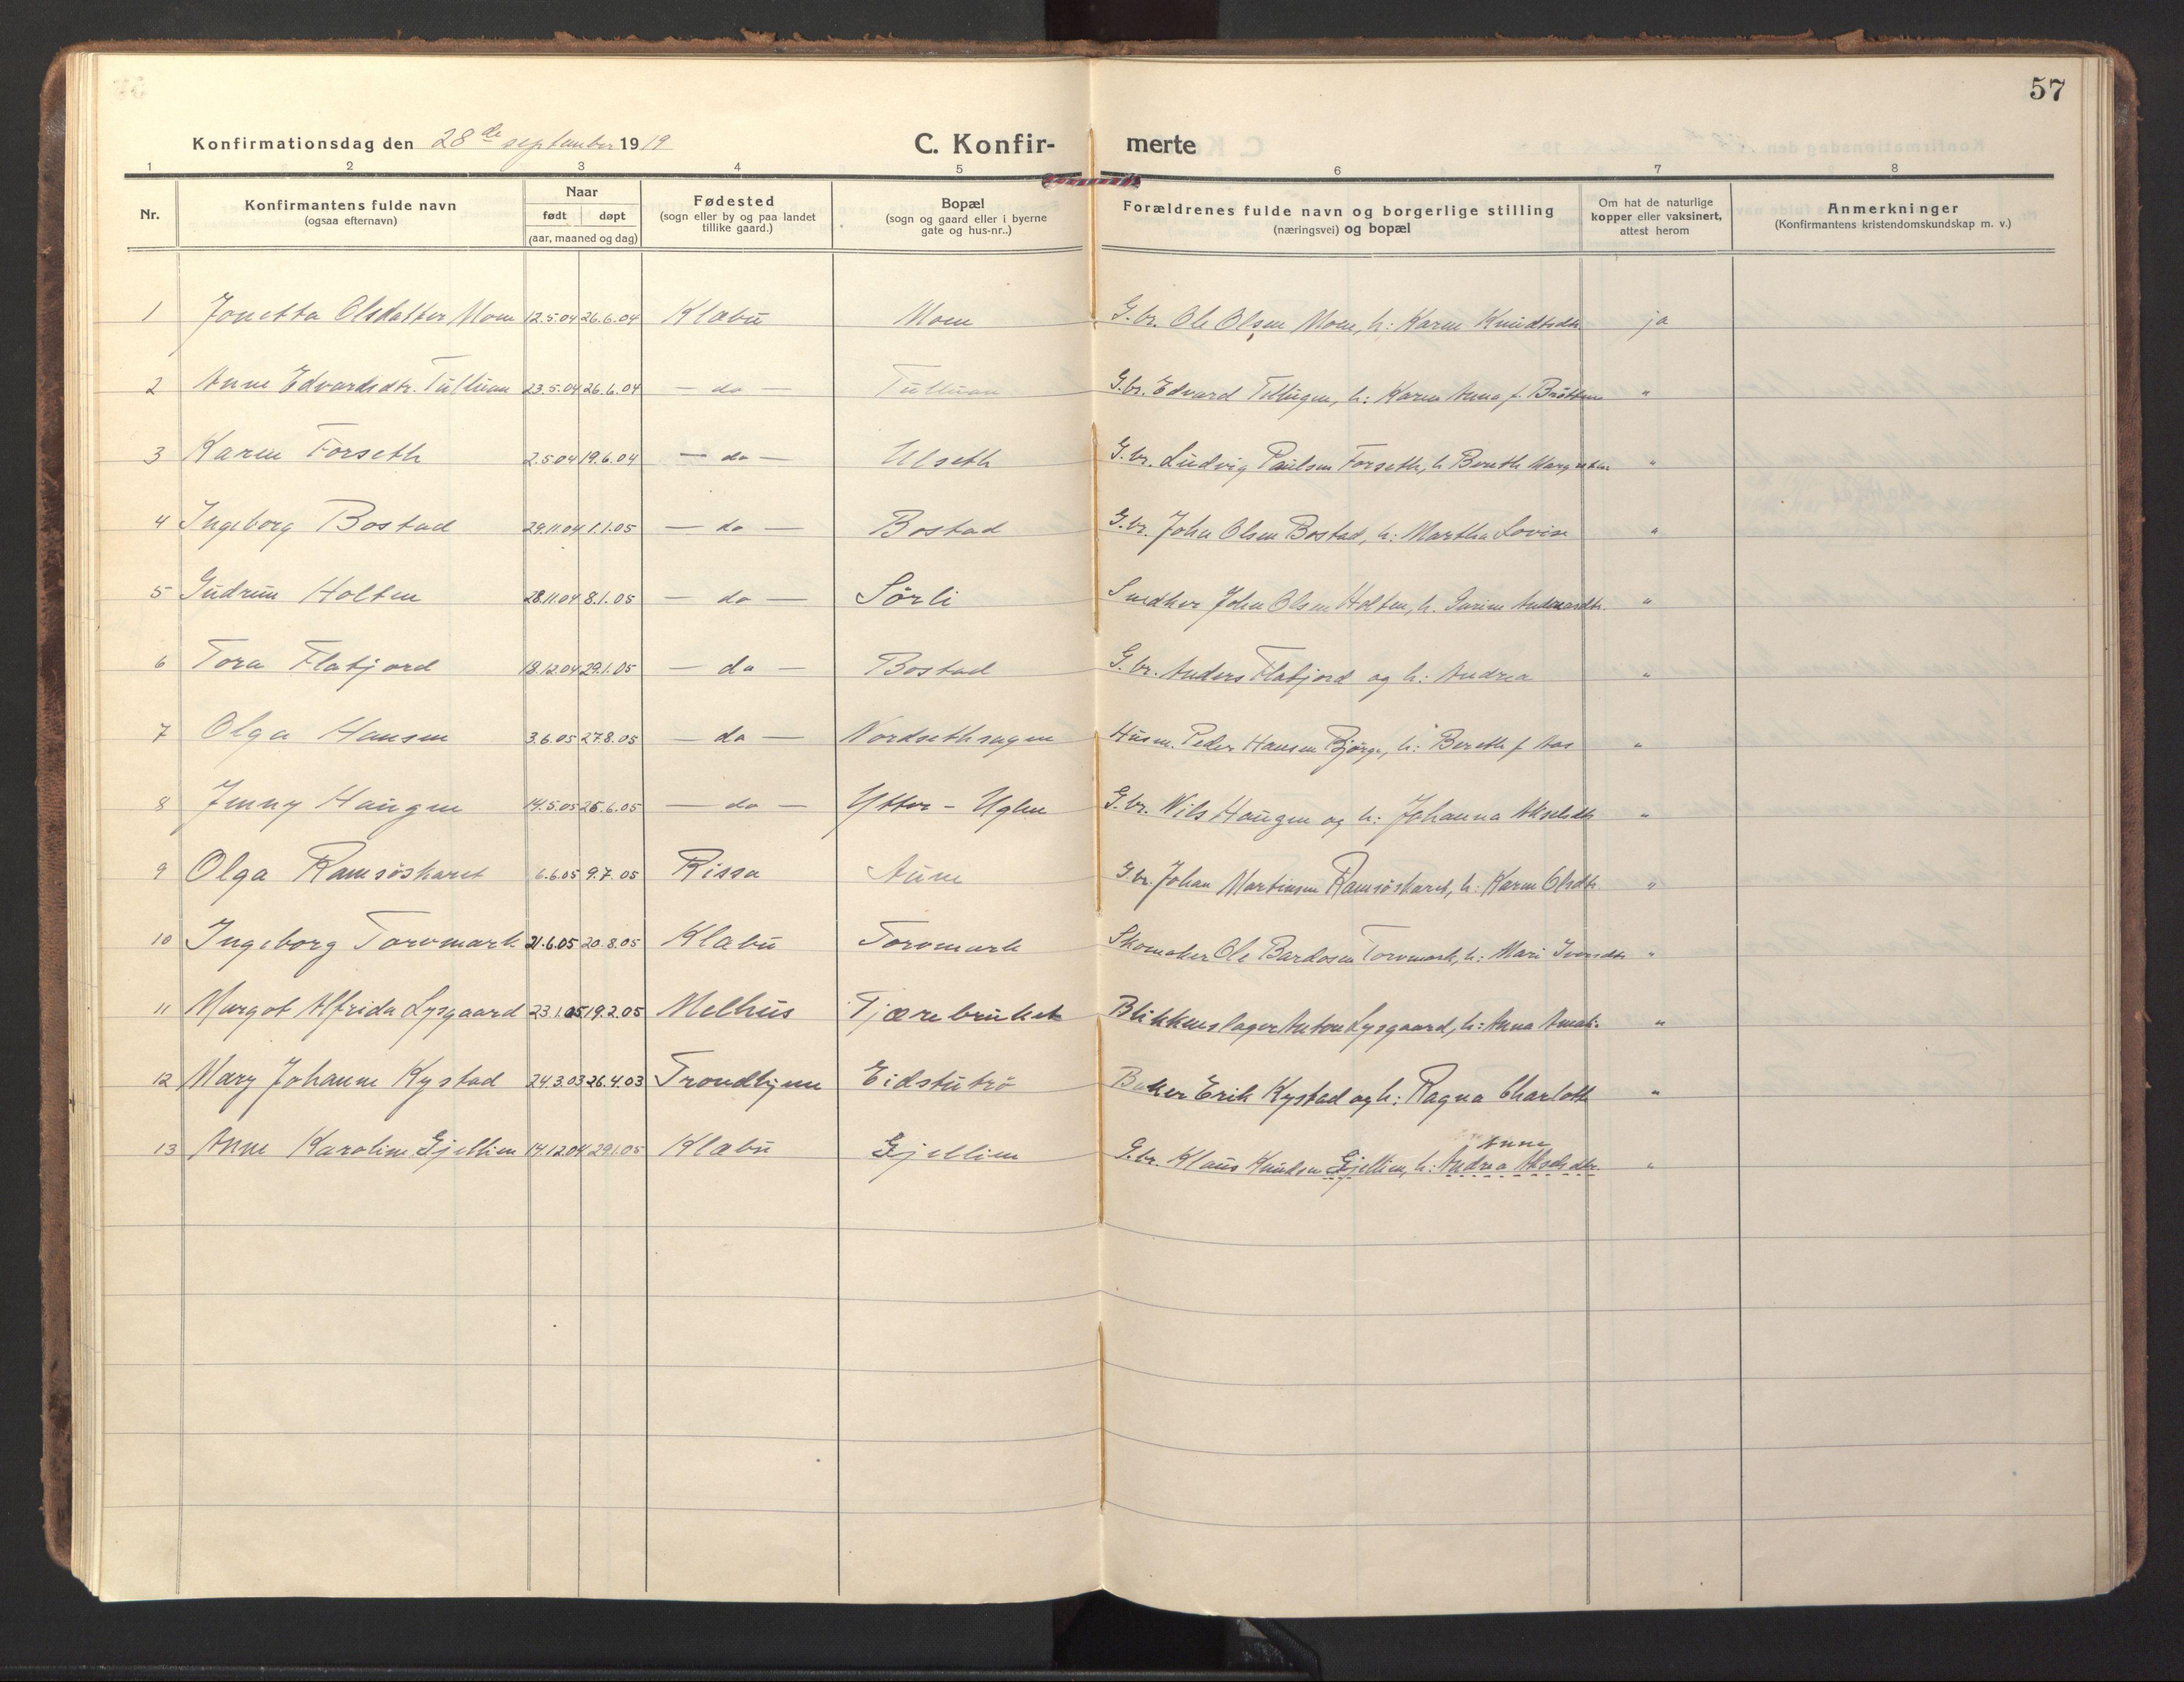 SAT, Ministerialprotokoller, klokkerbøker og fødselsregistre - Sør-Trøndelag, 618/L0449: Ministerialbok nr. 618A12, 1917-1924, s. 57